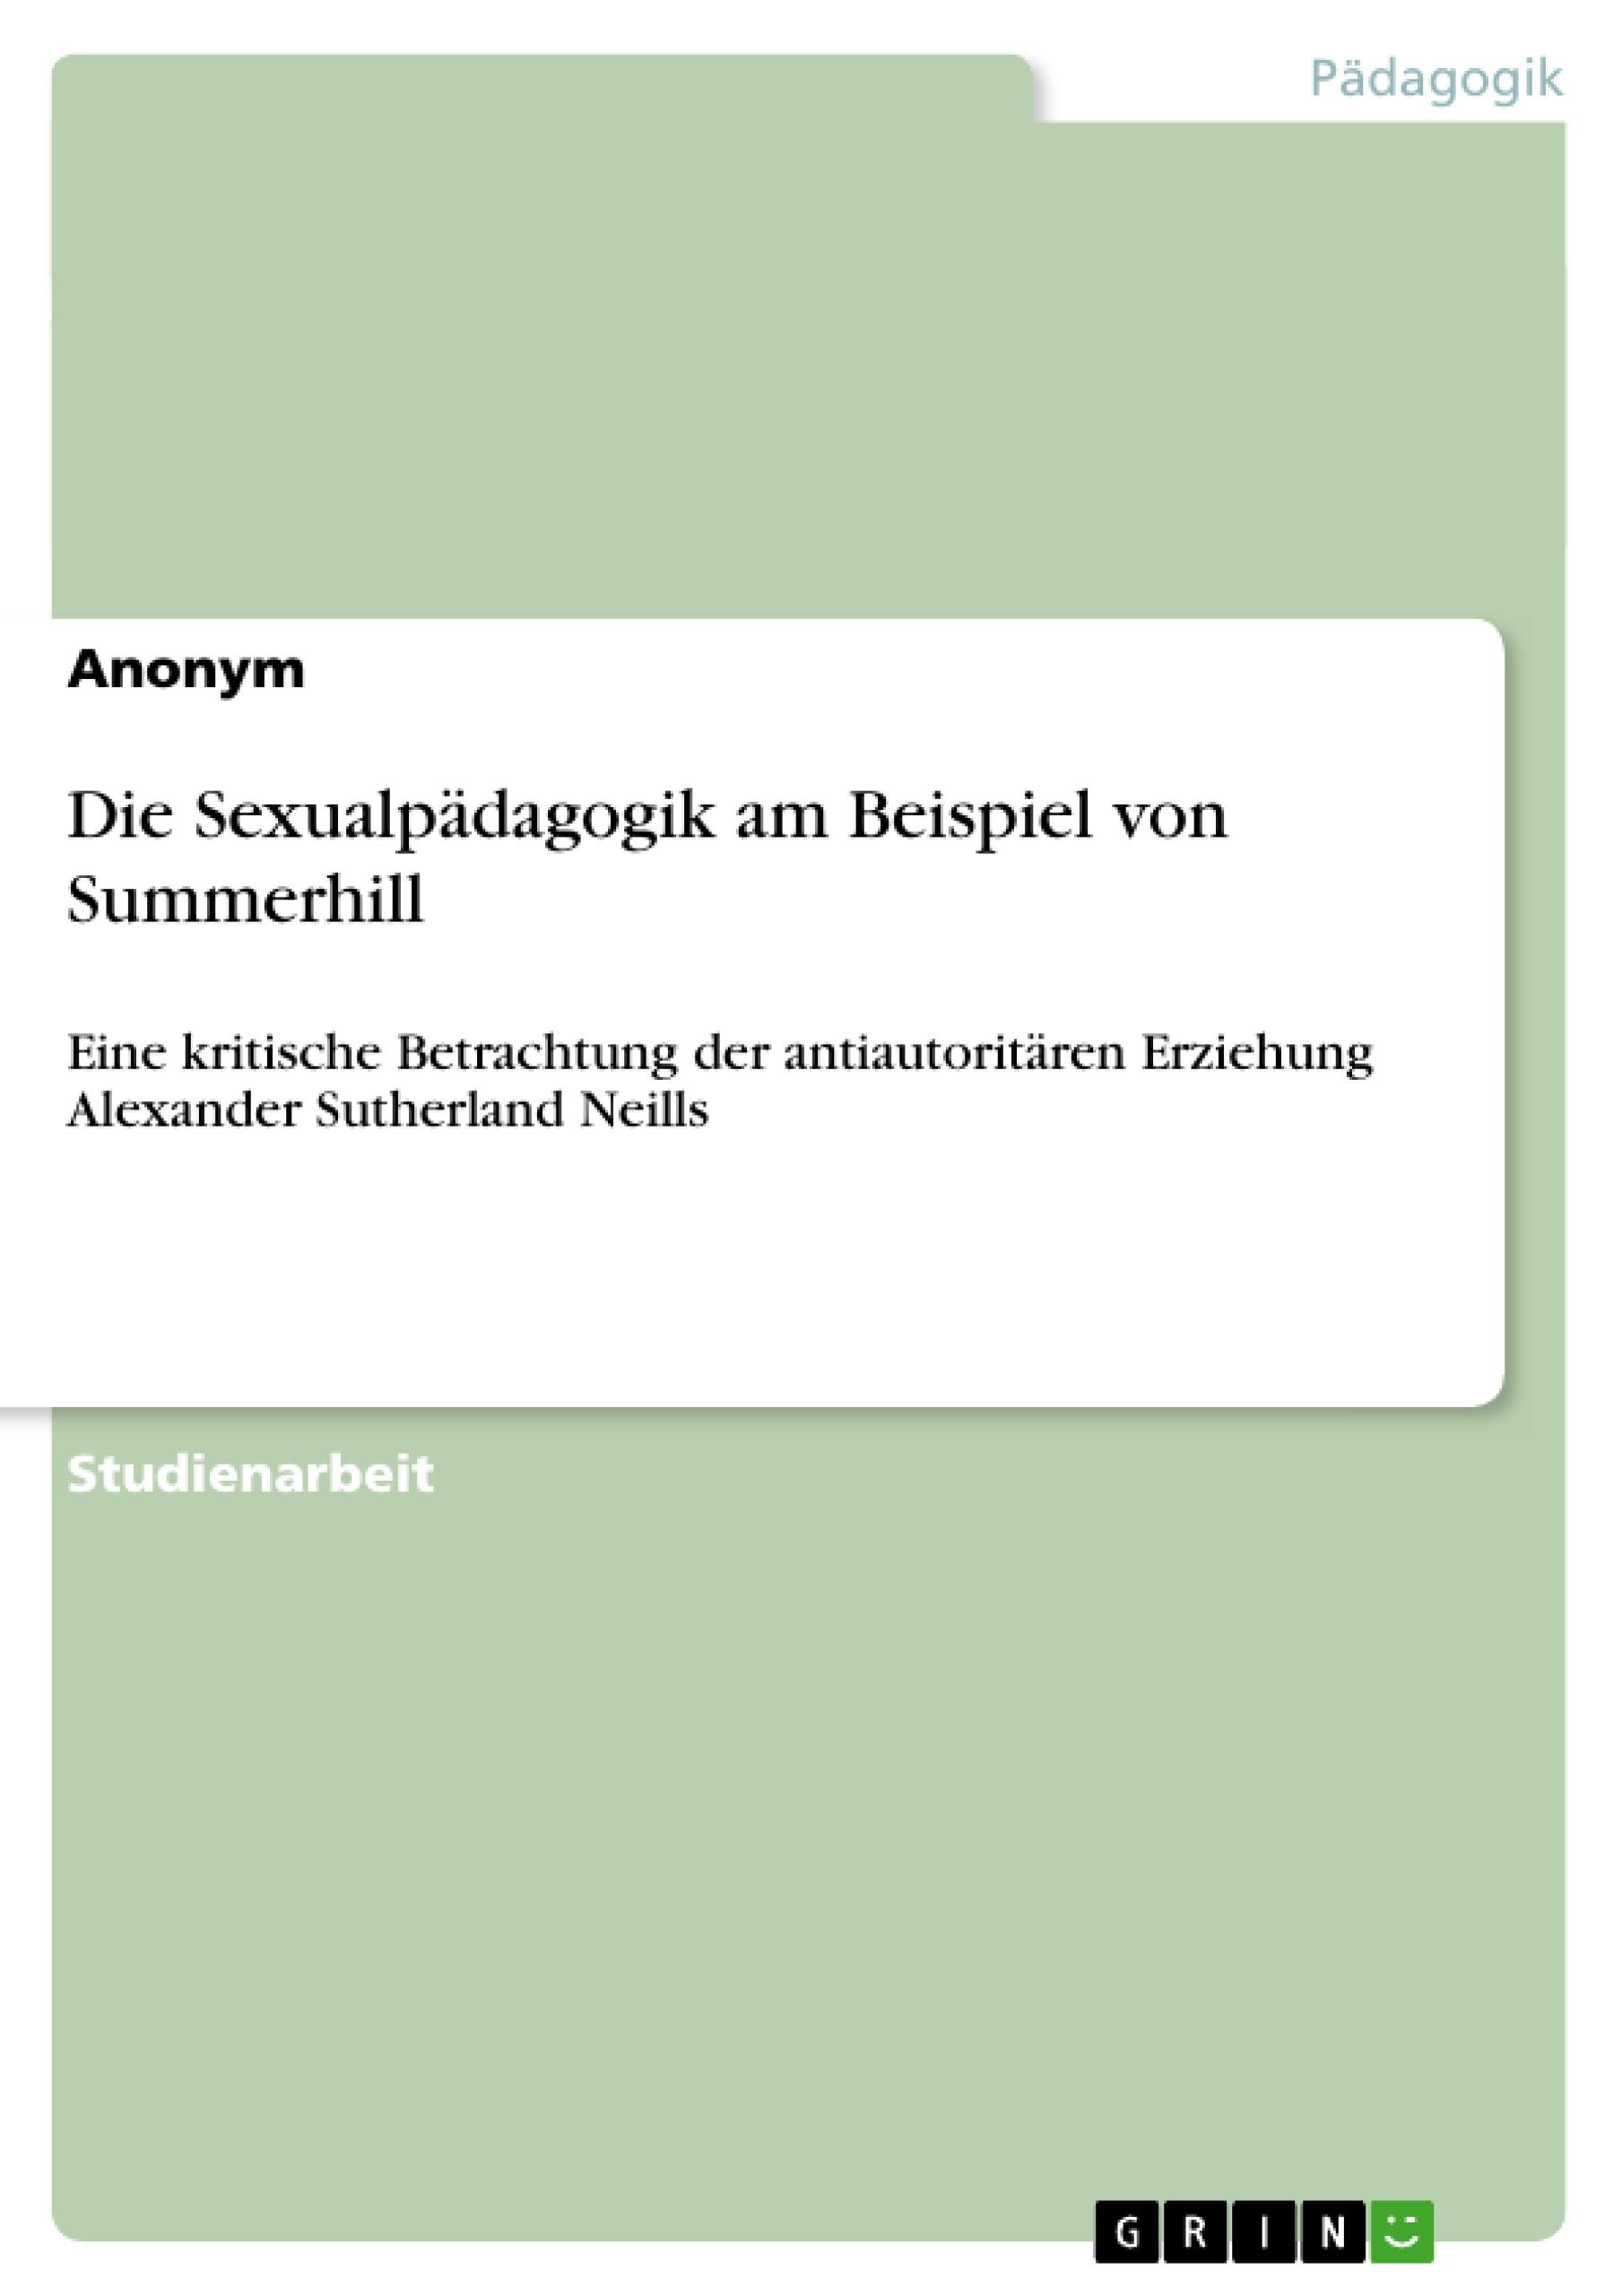 Titel: Die Sexualpädagogik am Beispiel von Summerhill